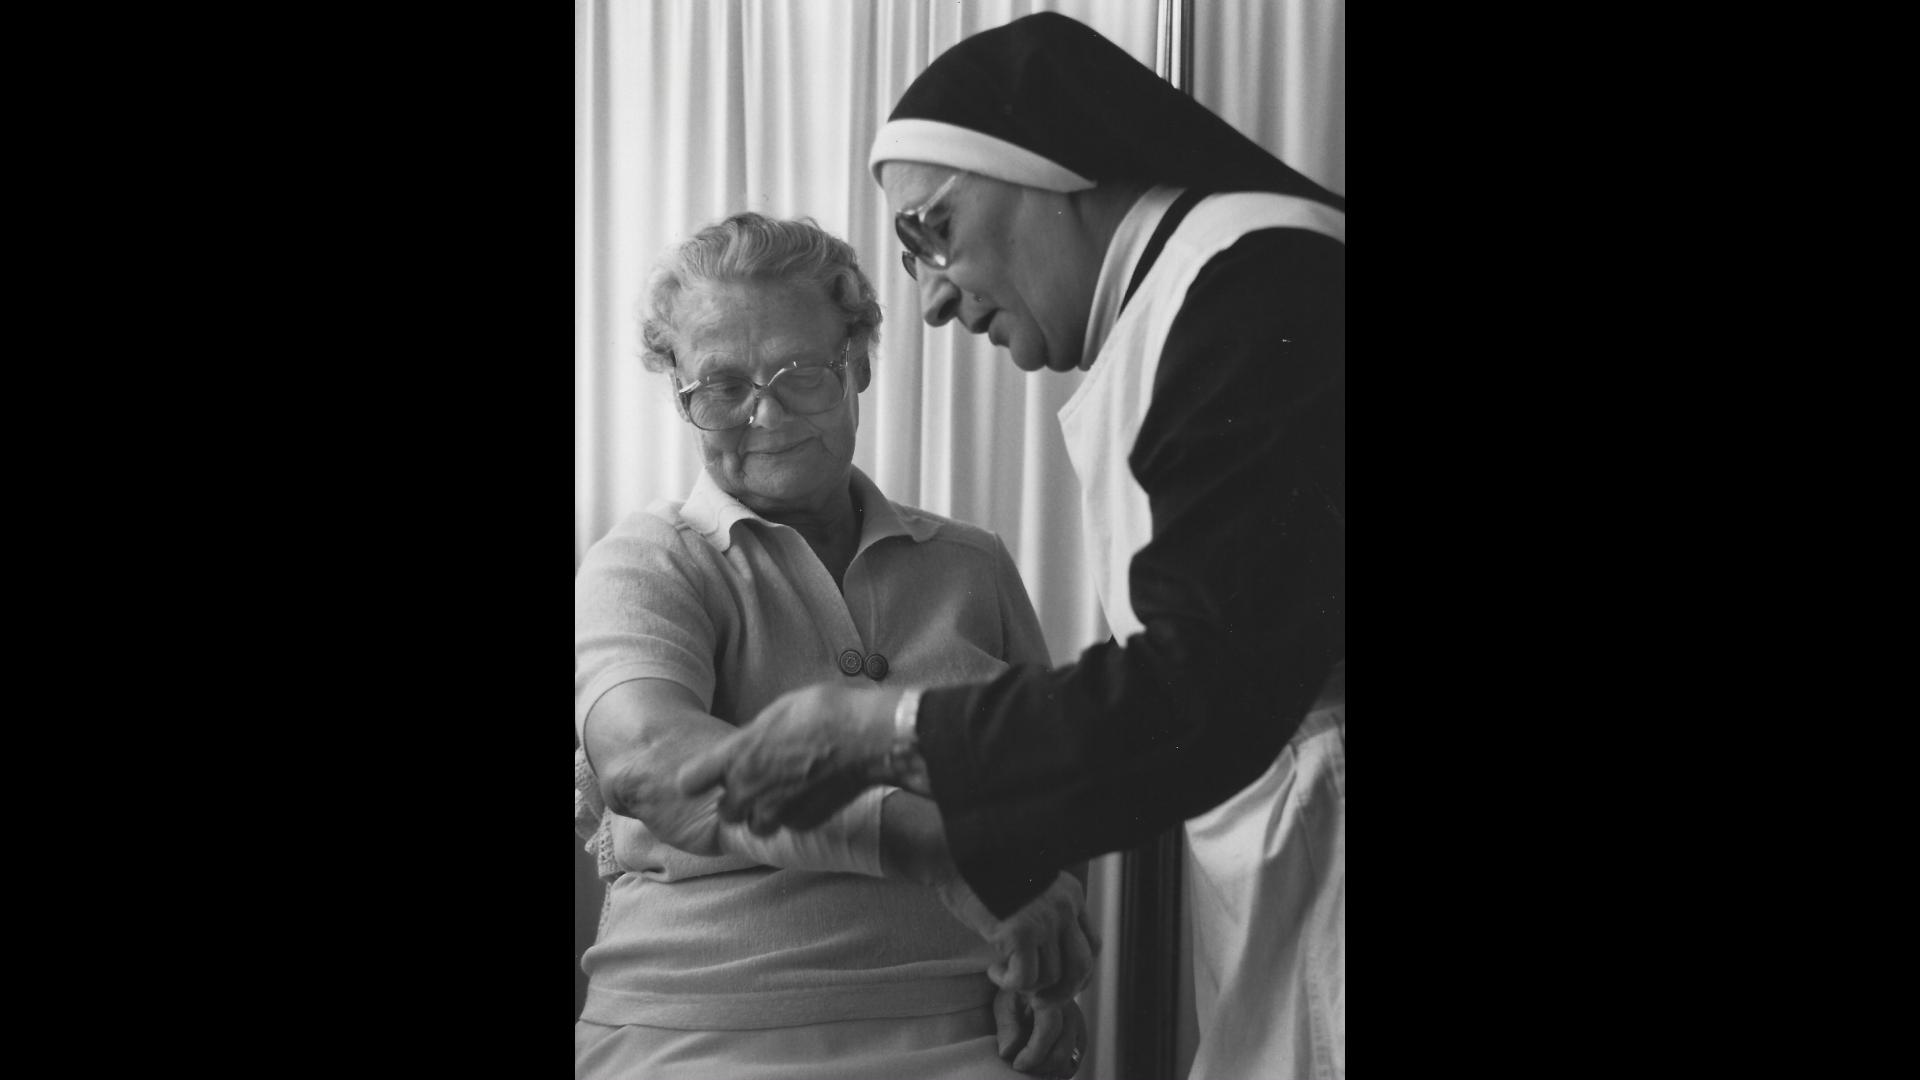 Schwester Martina sorgt sich um die Verletzten Kurgäste. Foto: Archiv Arme Schulschwestern